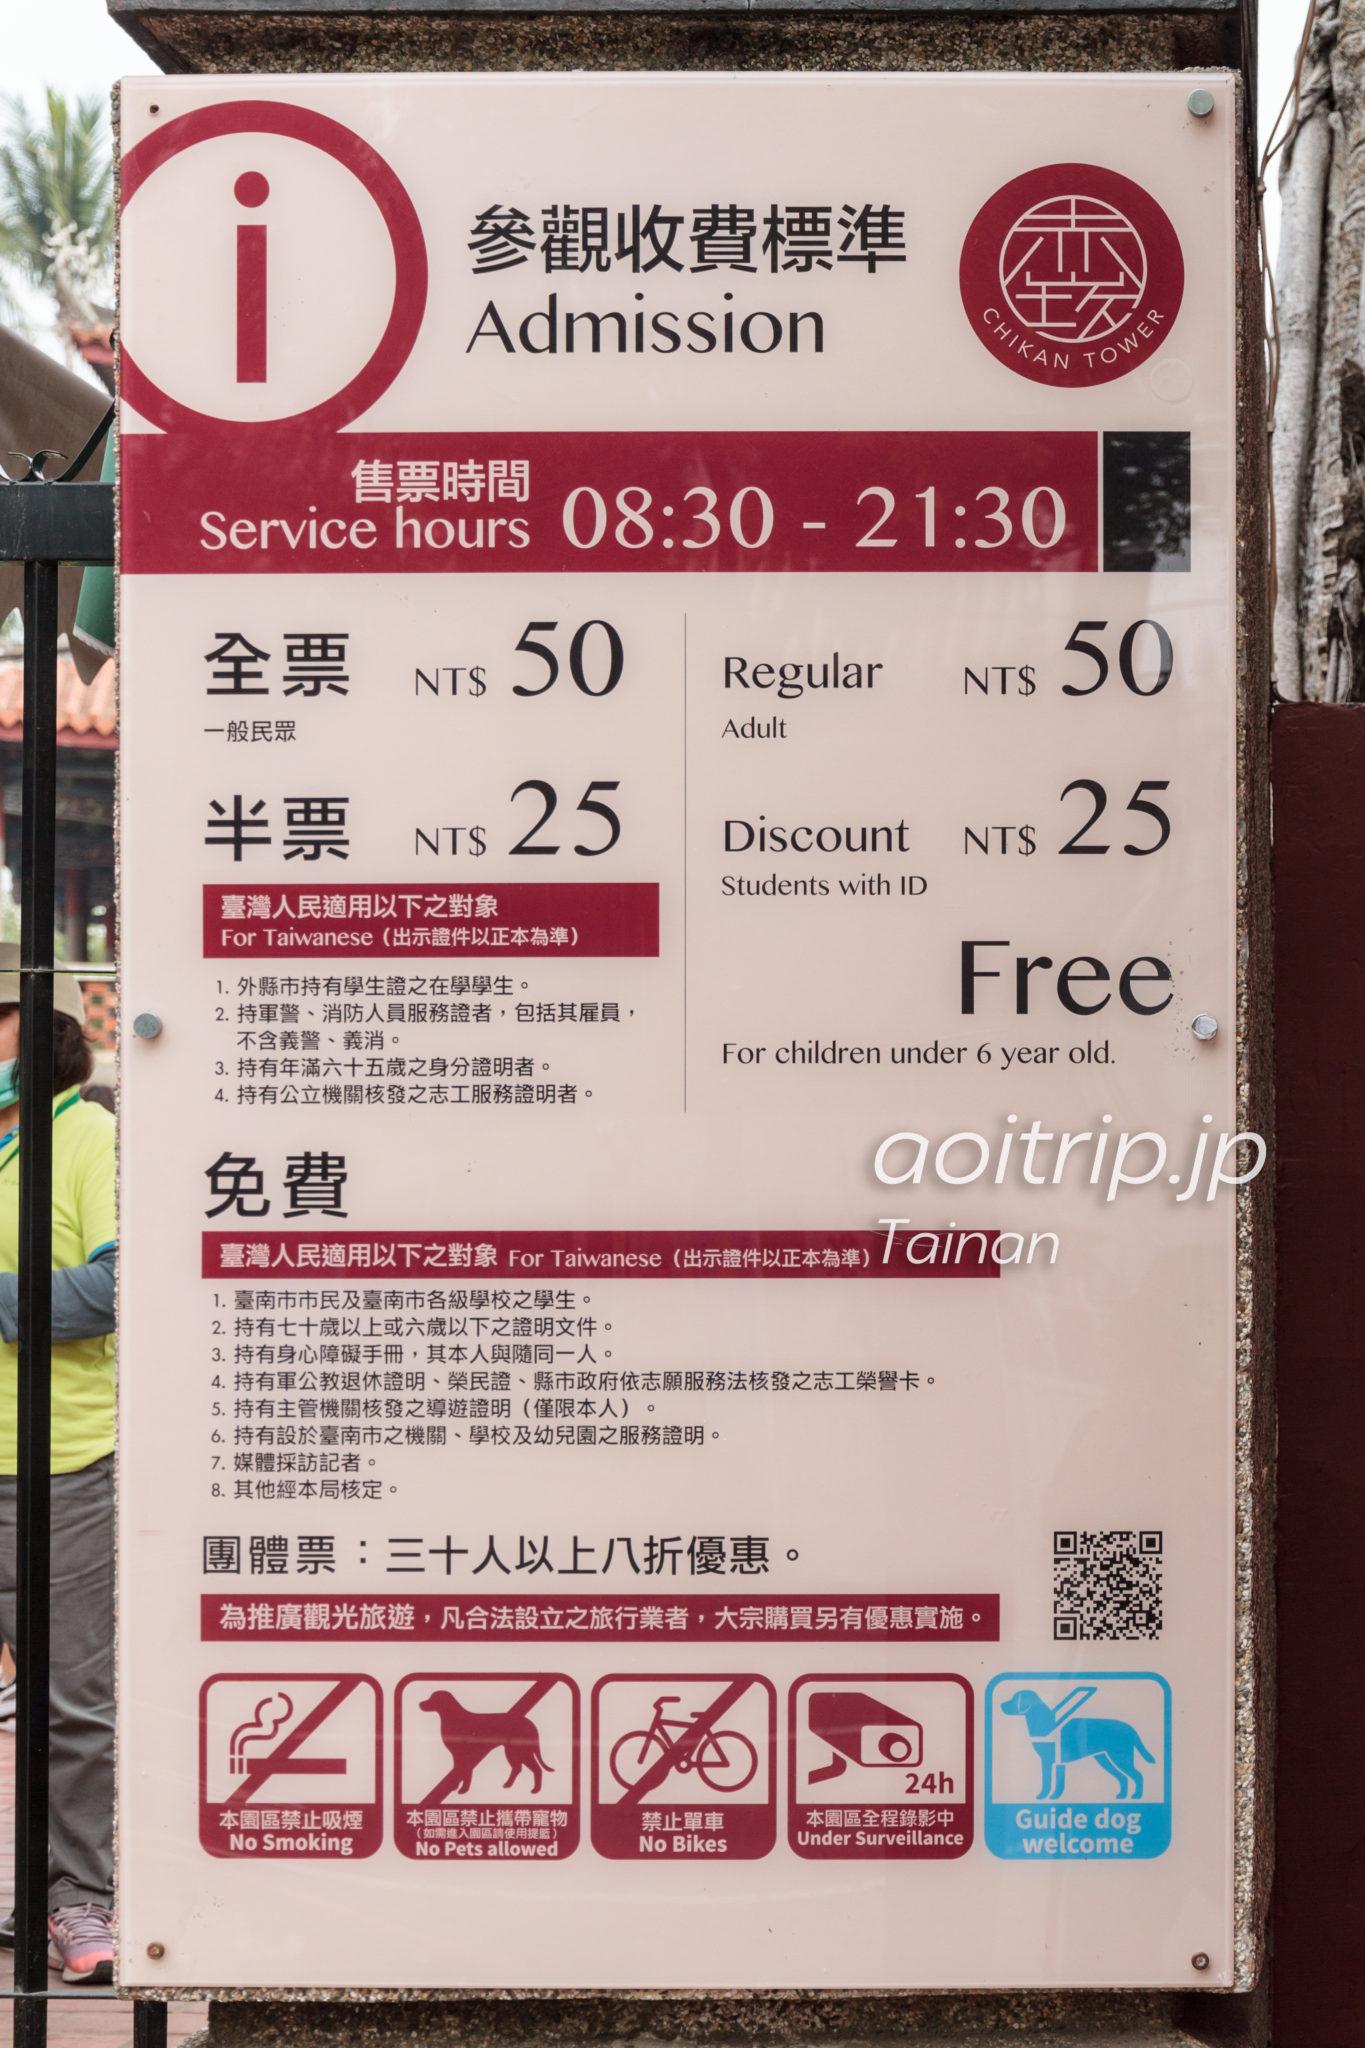 赤崁楼の入場料と営業時間